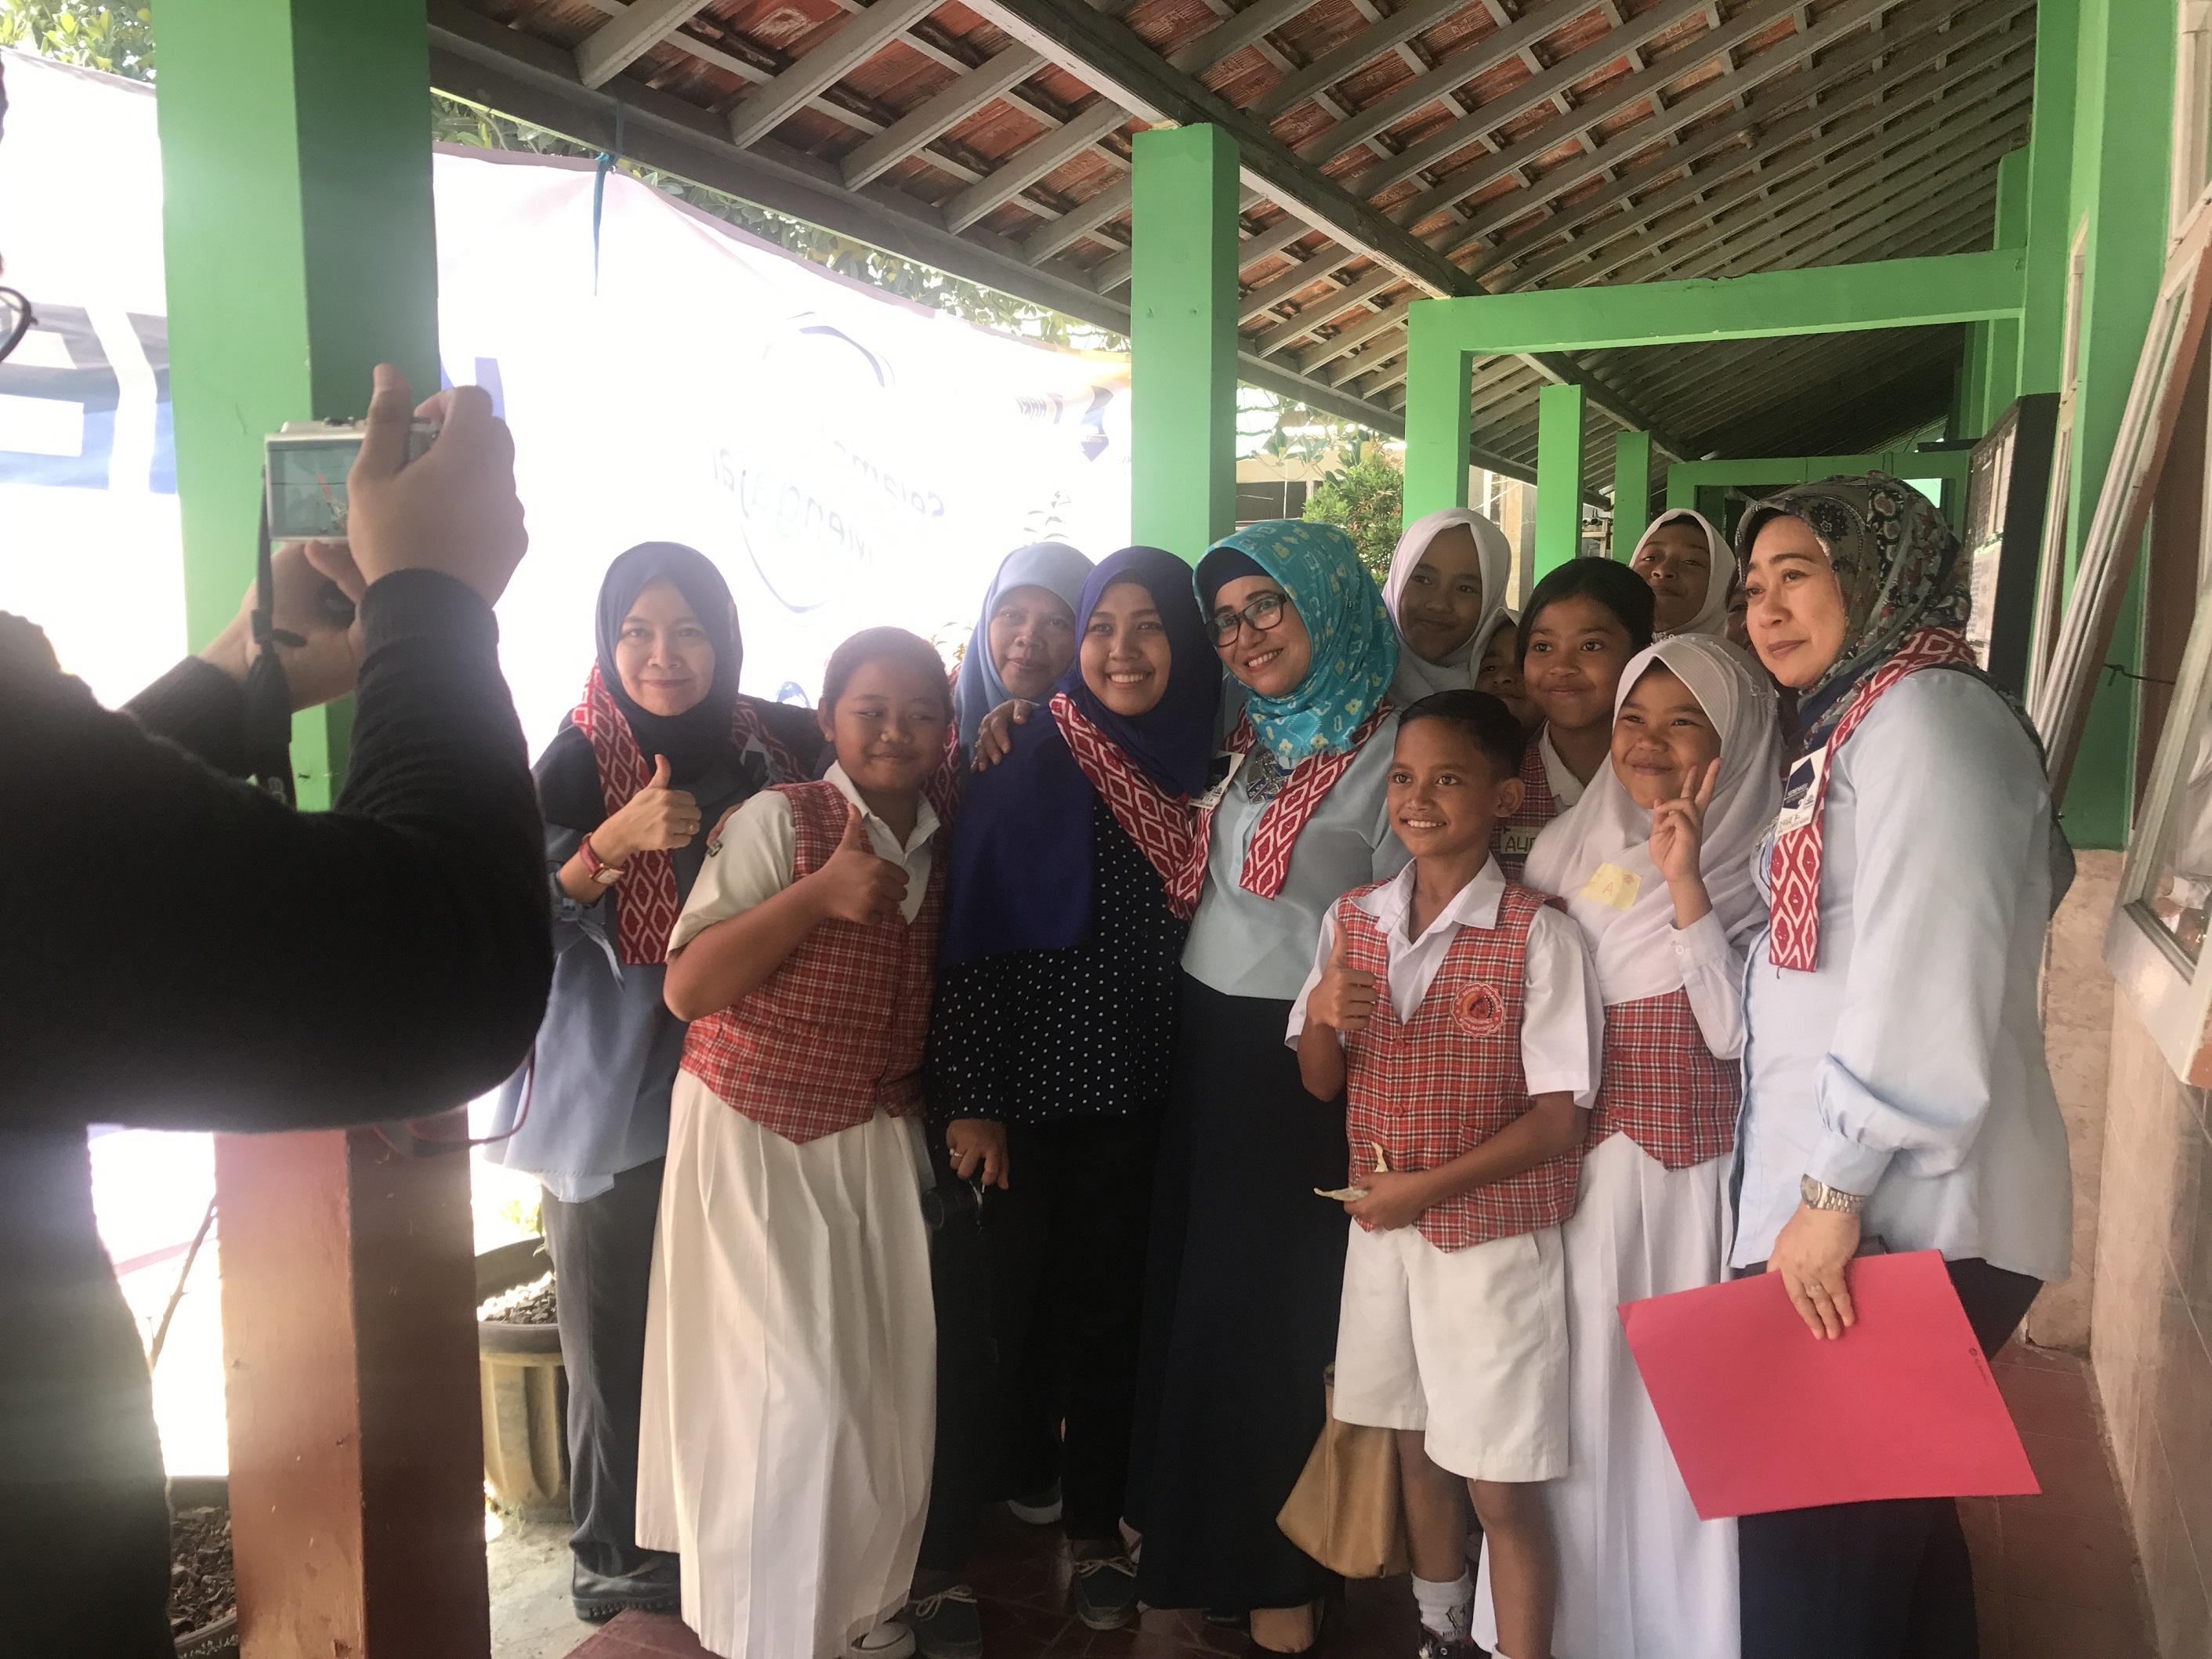 Kakanwil DJKN Jawa Barat Menjadi Relawan Kemenkeu Mengajar : Bukti Nyata Kepedulian Terhadap Anak Bangsa